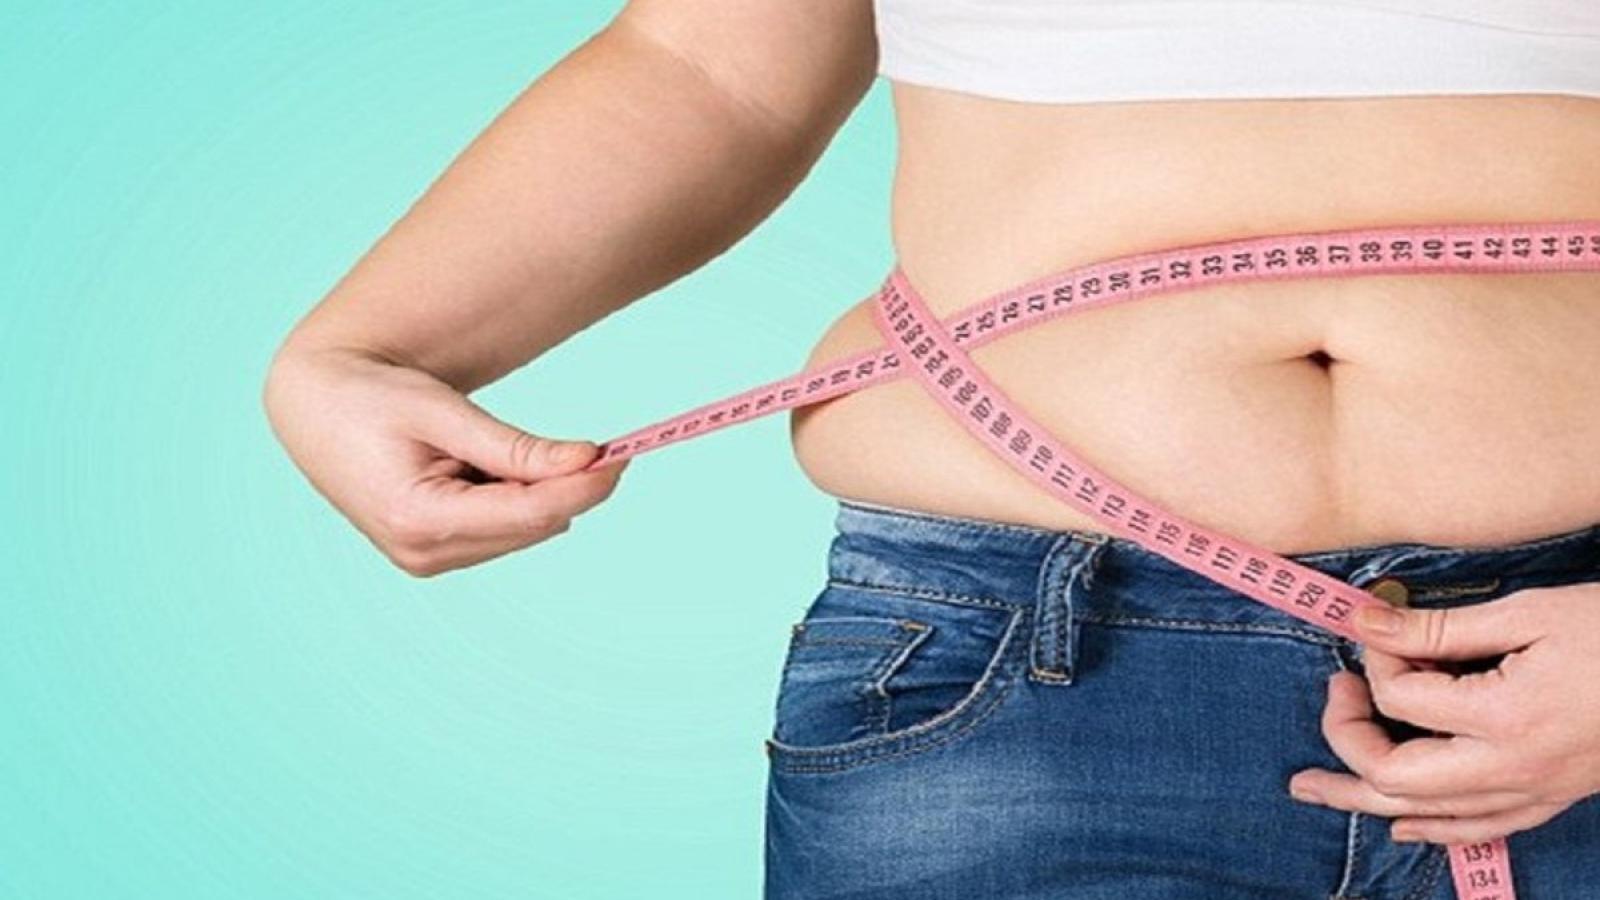 Nguyên nhân vì sao phụ nữ khó giảm cân hơn nam giới?